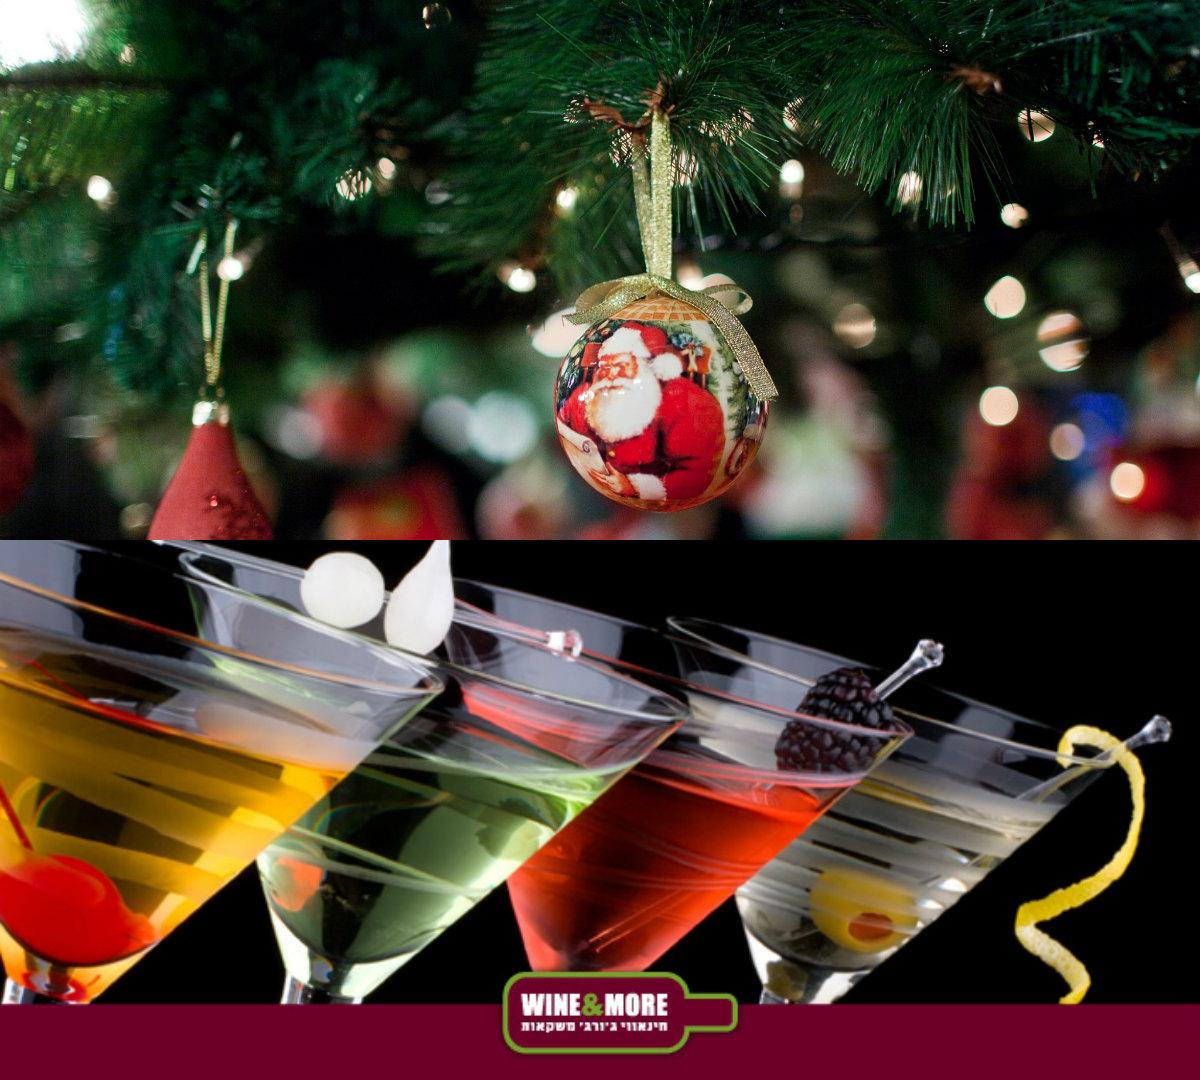 «Wine&Мore»: покупка алкоголя удобная и качественная